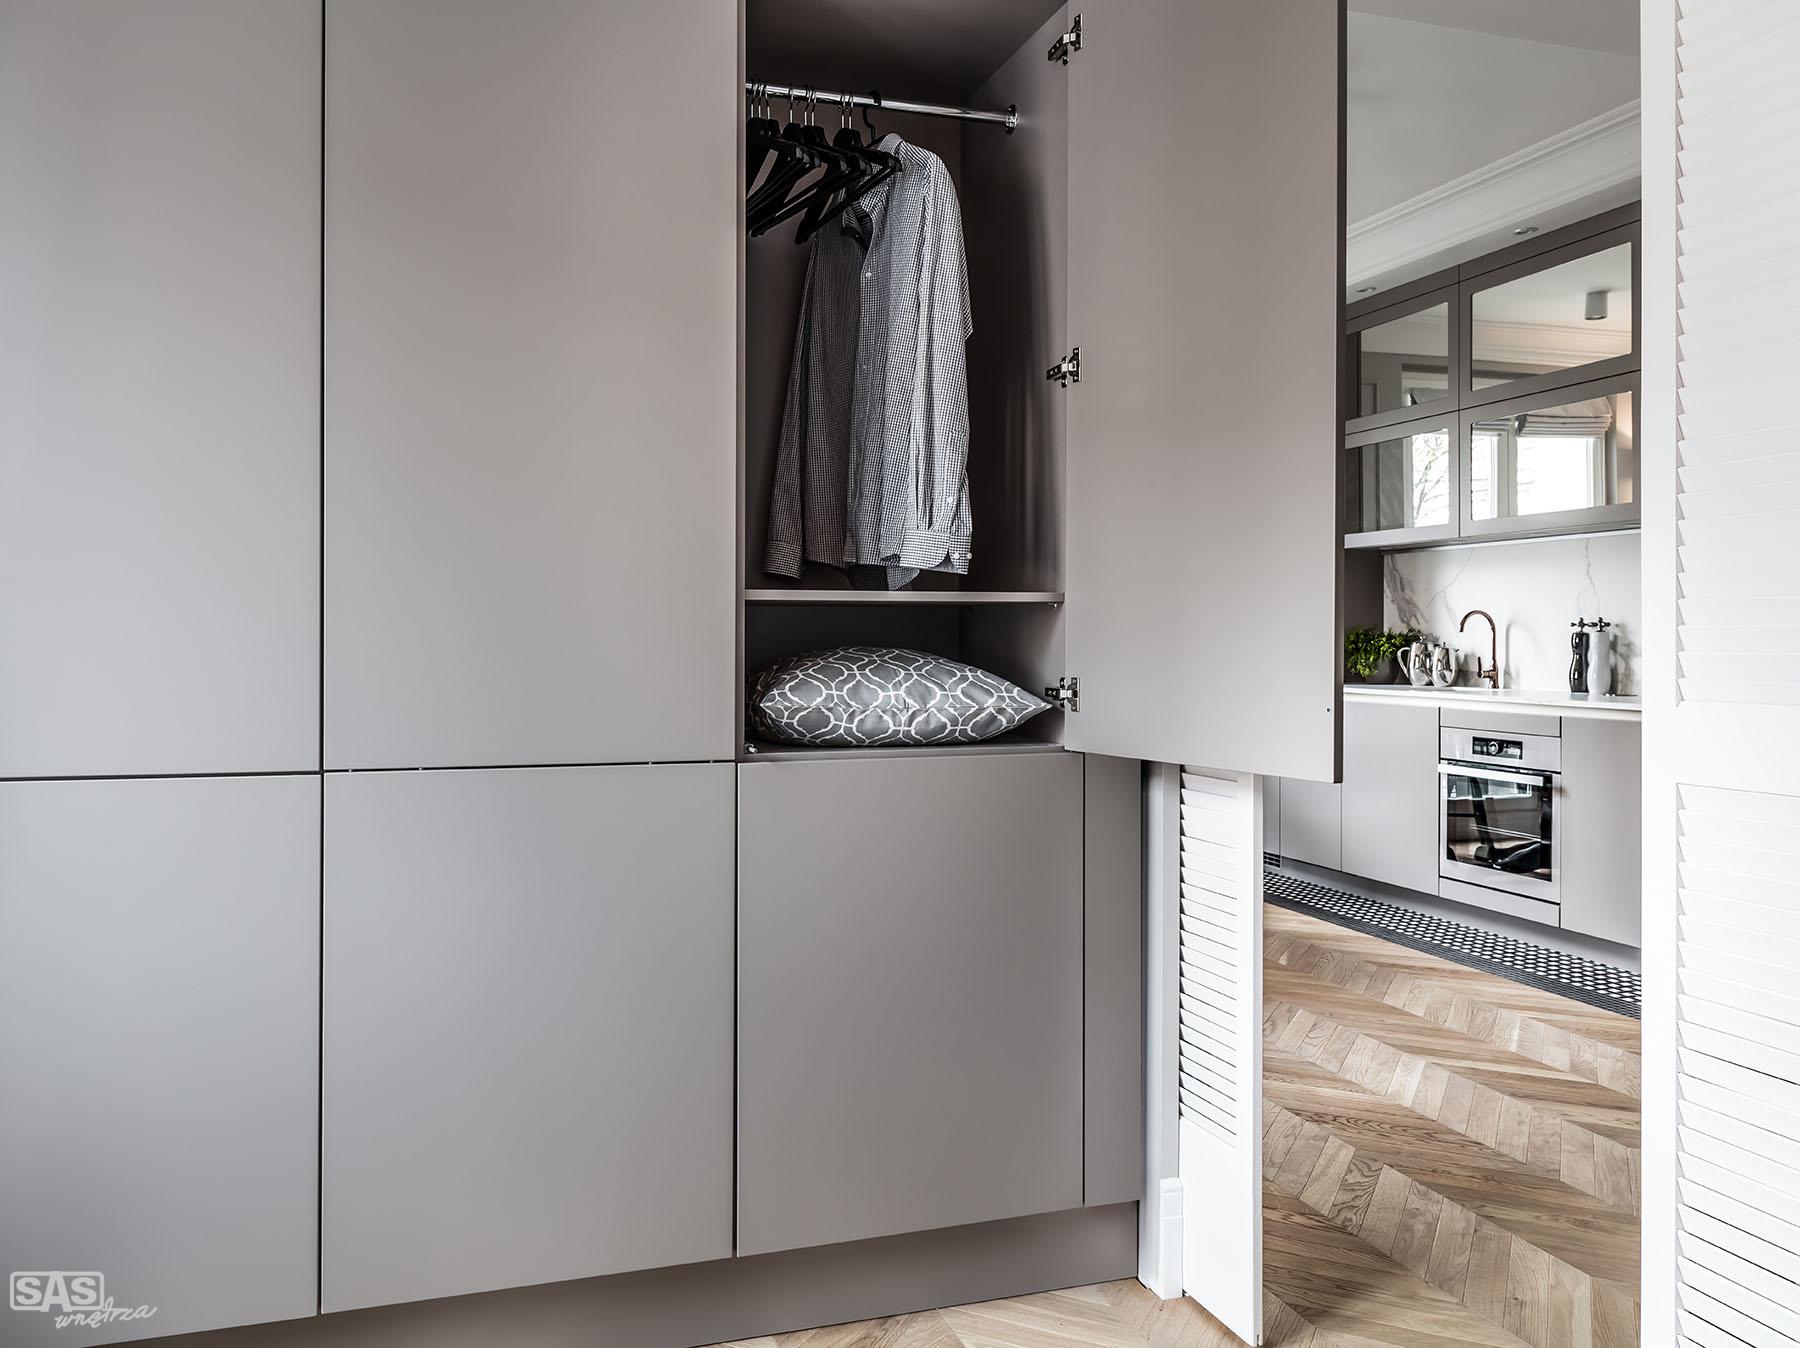 Sypialnia i meble na wymiar - meble SAS Wnętrza i Kuchnia, projekt architekt wnętrz Emilia Strzempek Plasun.